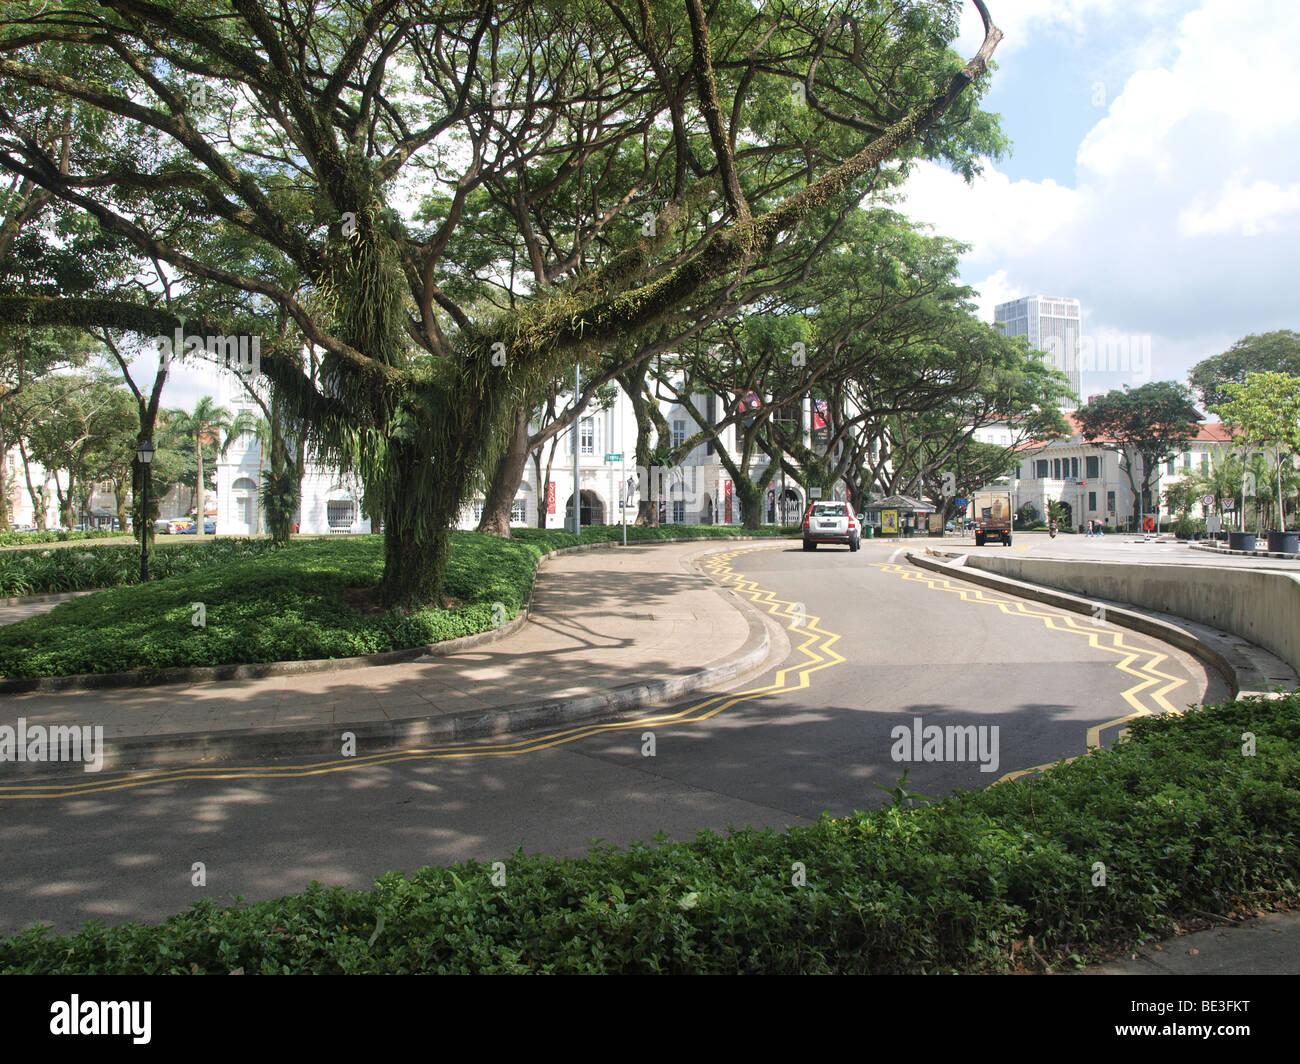 L'ambiance de la ville de Singapour. Photo Stock